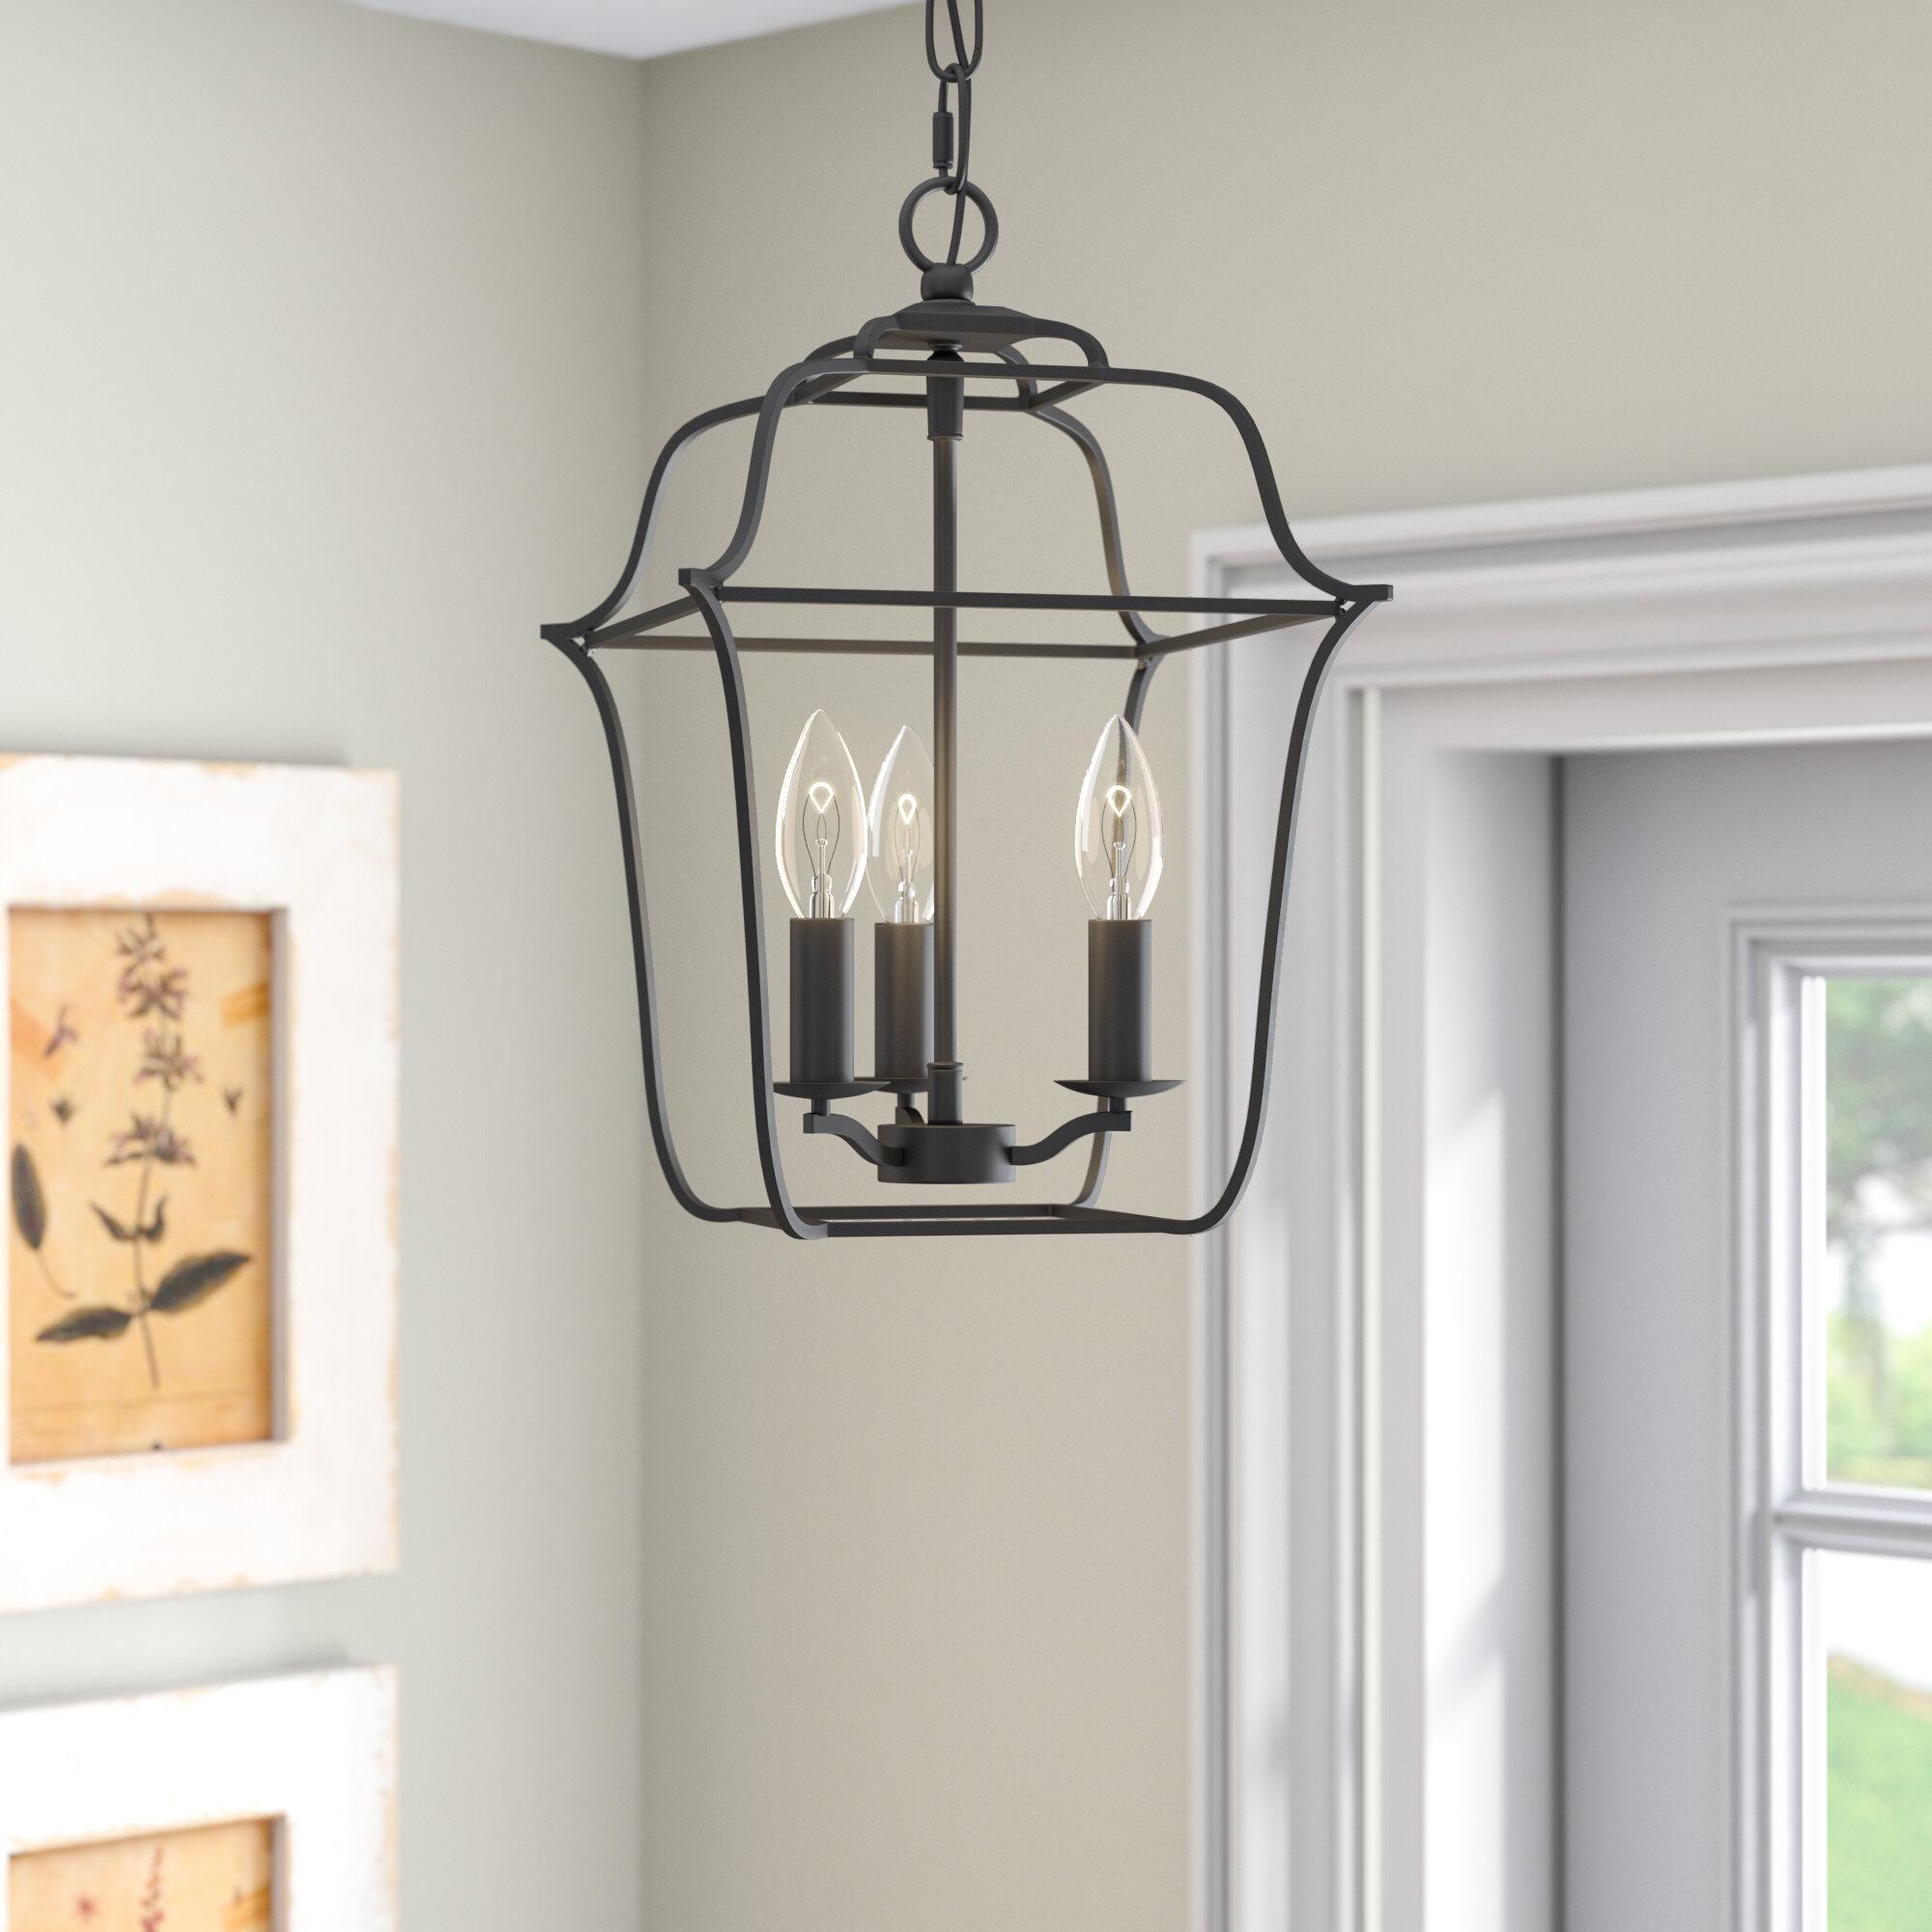 Laurel Foundry Modern Farmhouse Chloe Royal Ebony Gallery 3-Light ...